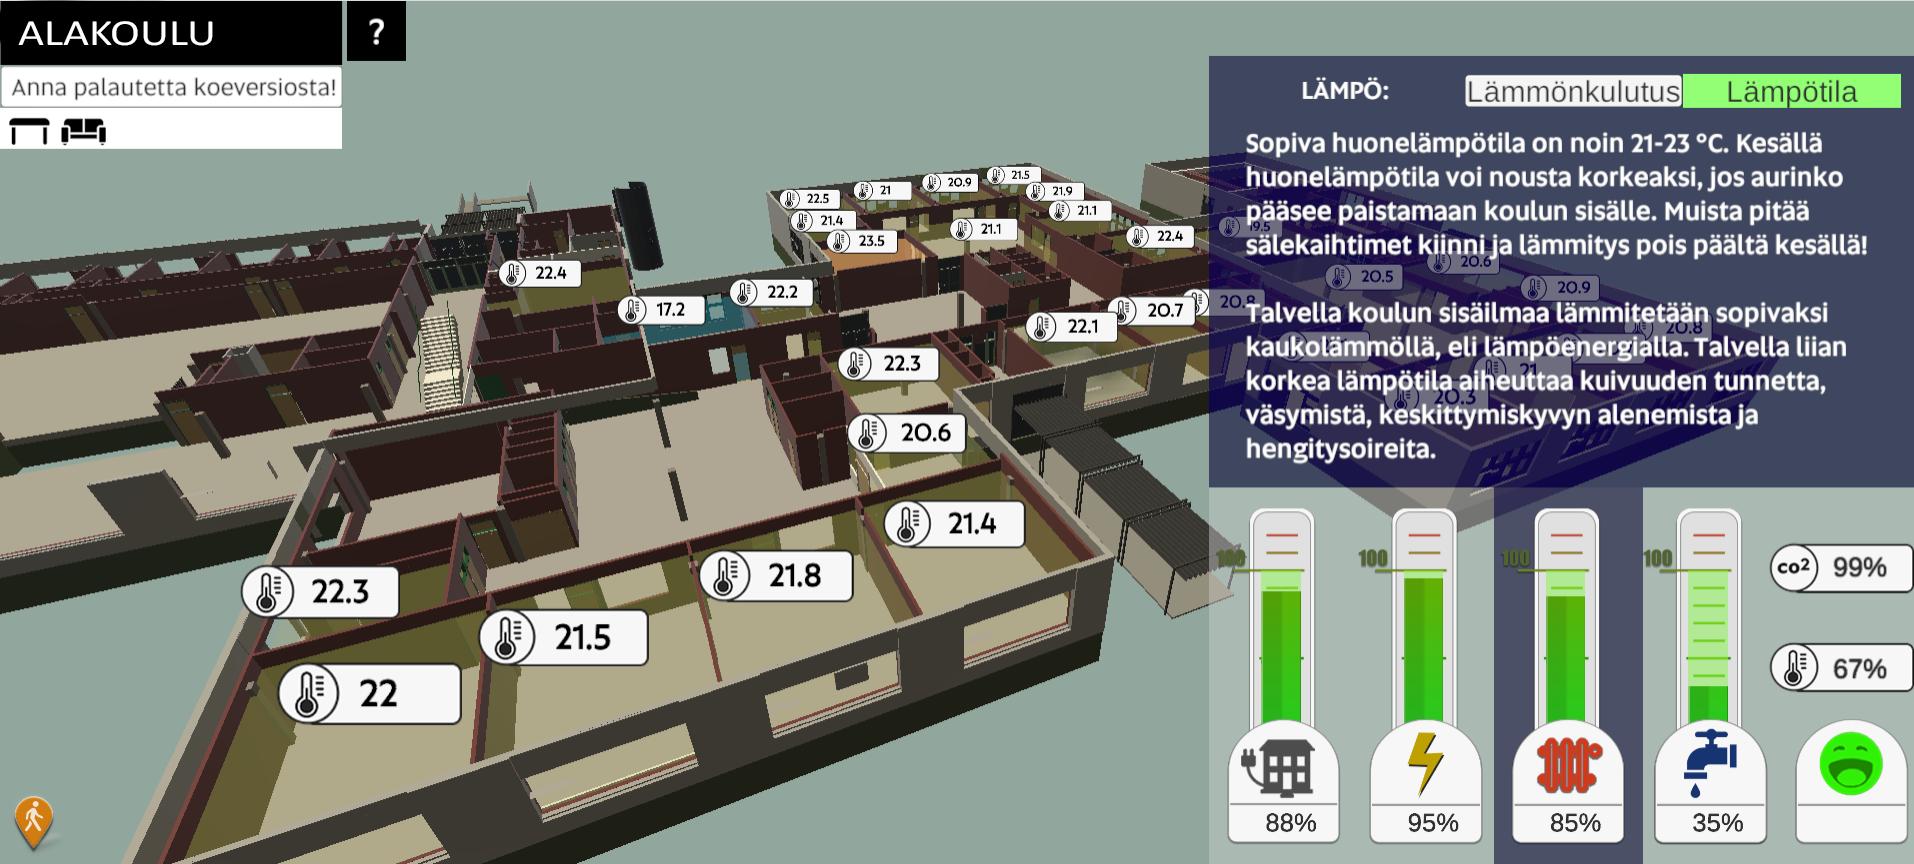 Kuva esittää koulun digitaalista mallia yläkulmasta, näkyvillä luokat ja niiden lämpötilat